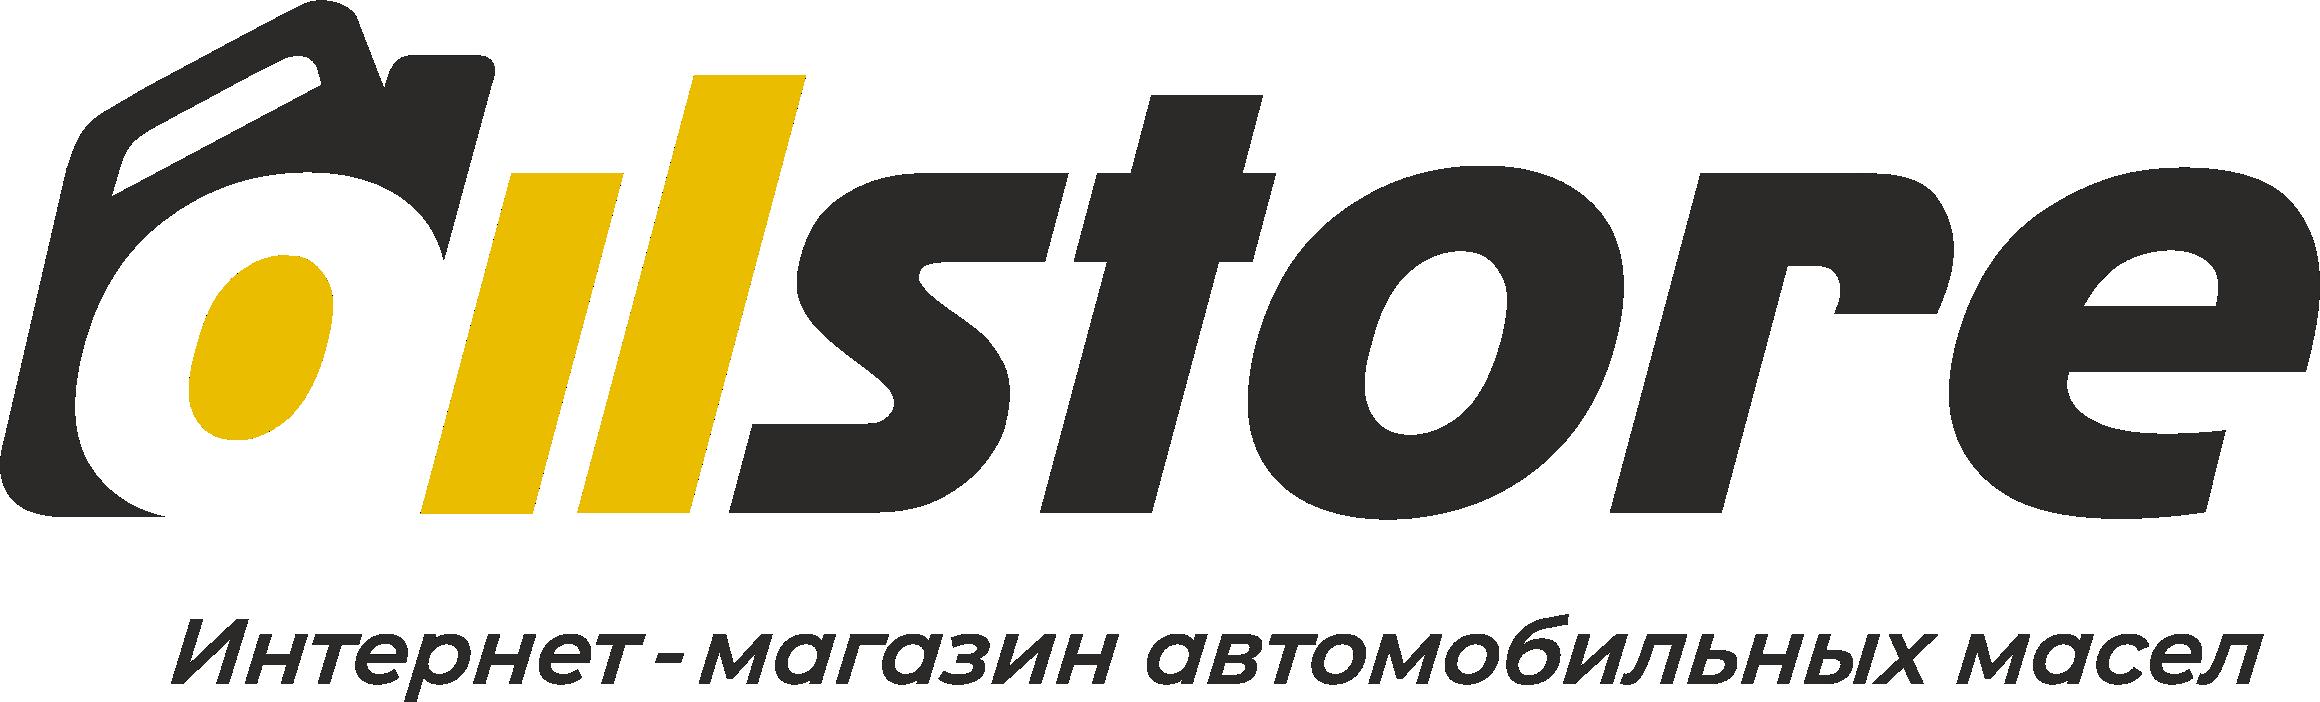 Интернет-магазин автомобильных масел OIL STORE